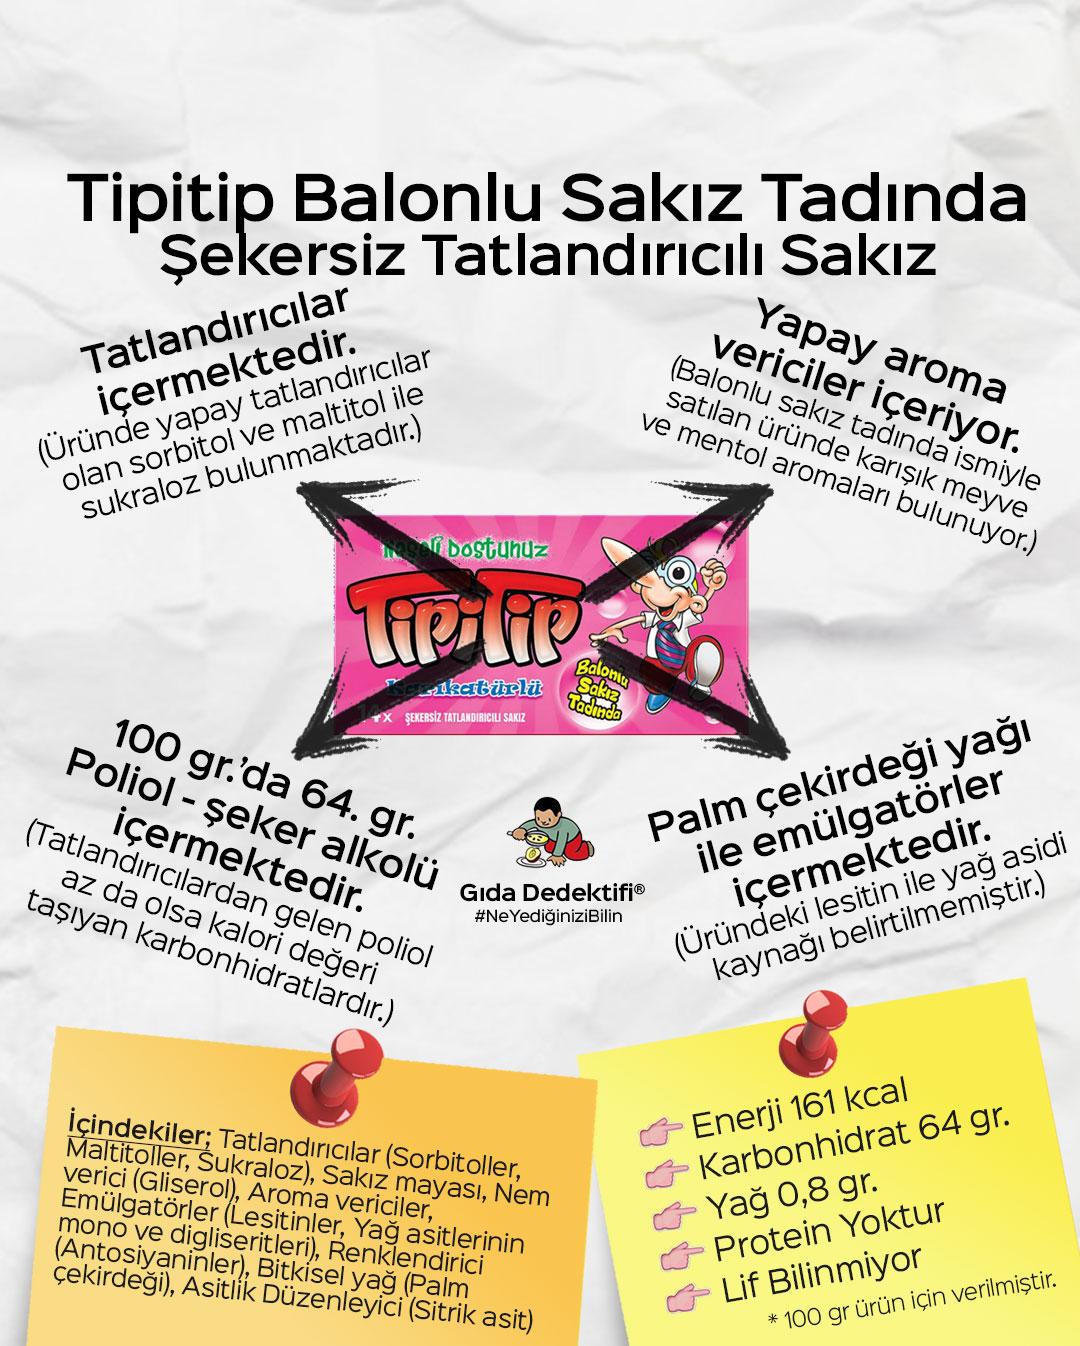 Tipitip Balonlu Sakız Tadında Şekersiz Tatlandırıcılı Sakız - Gıda Dedektifi